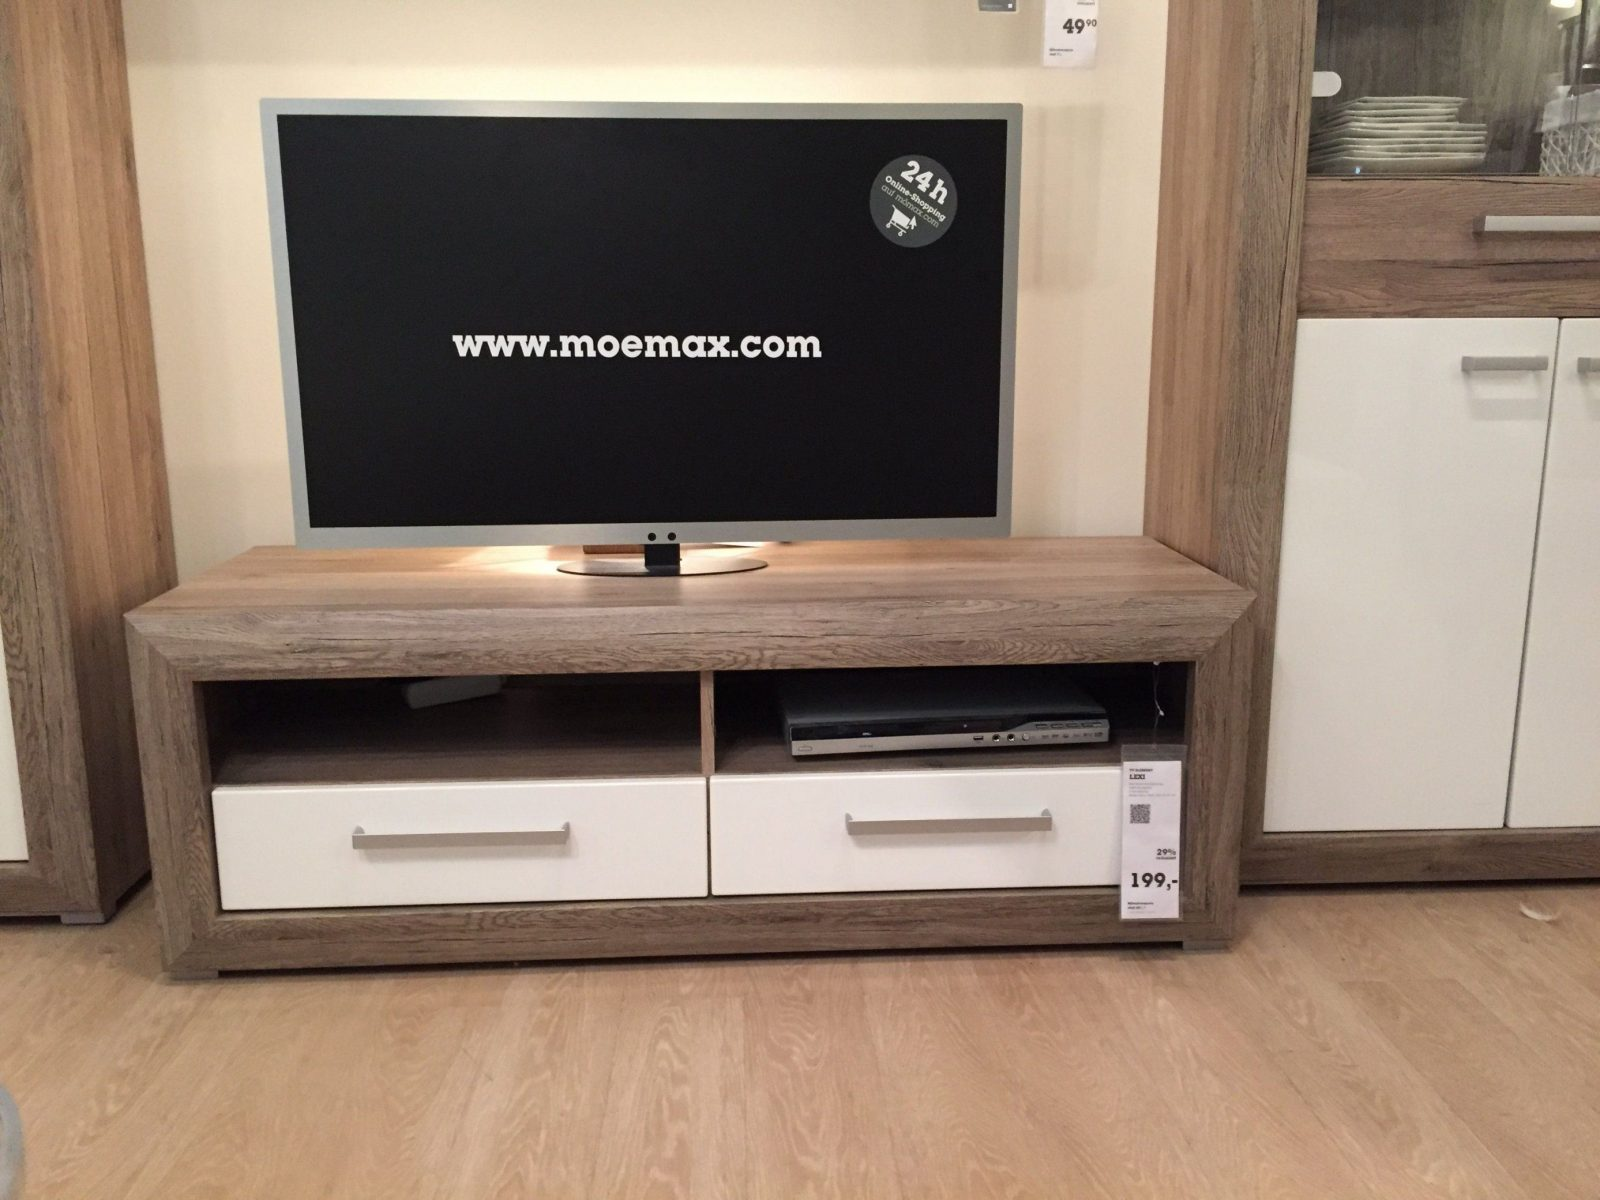 Wohnideen  Frisch Cooles Tv Lowboard Holz Selber Bauen Cooles Tv von Tv Lowboard Selber Bauen Photo